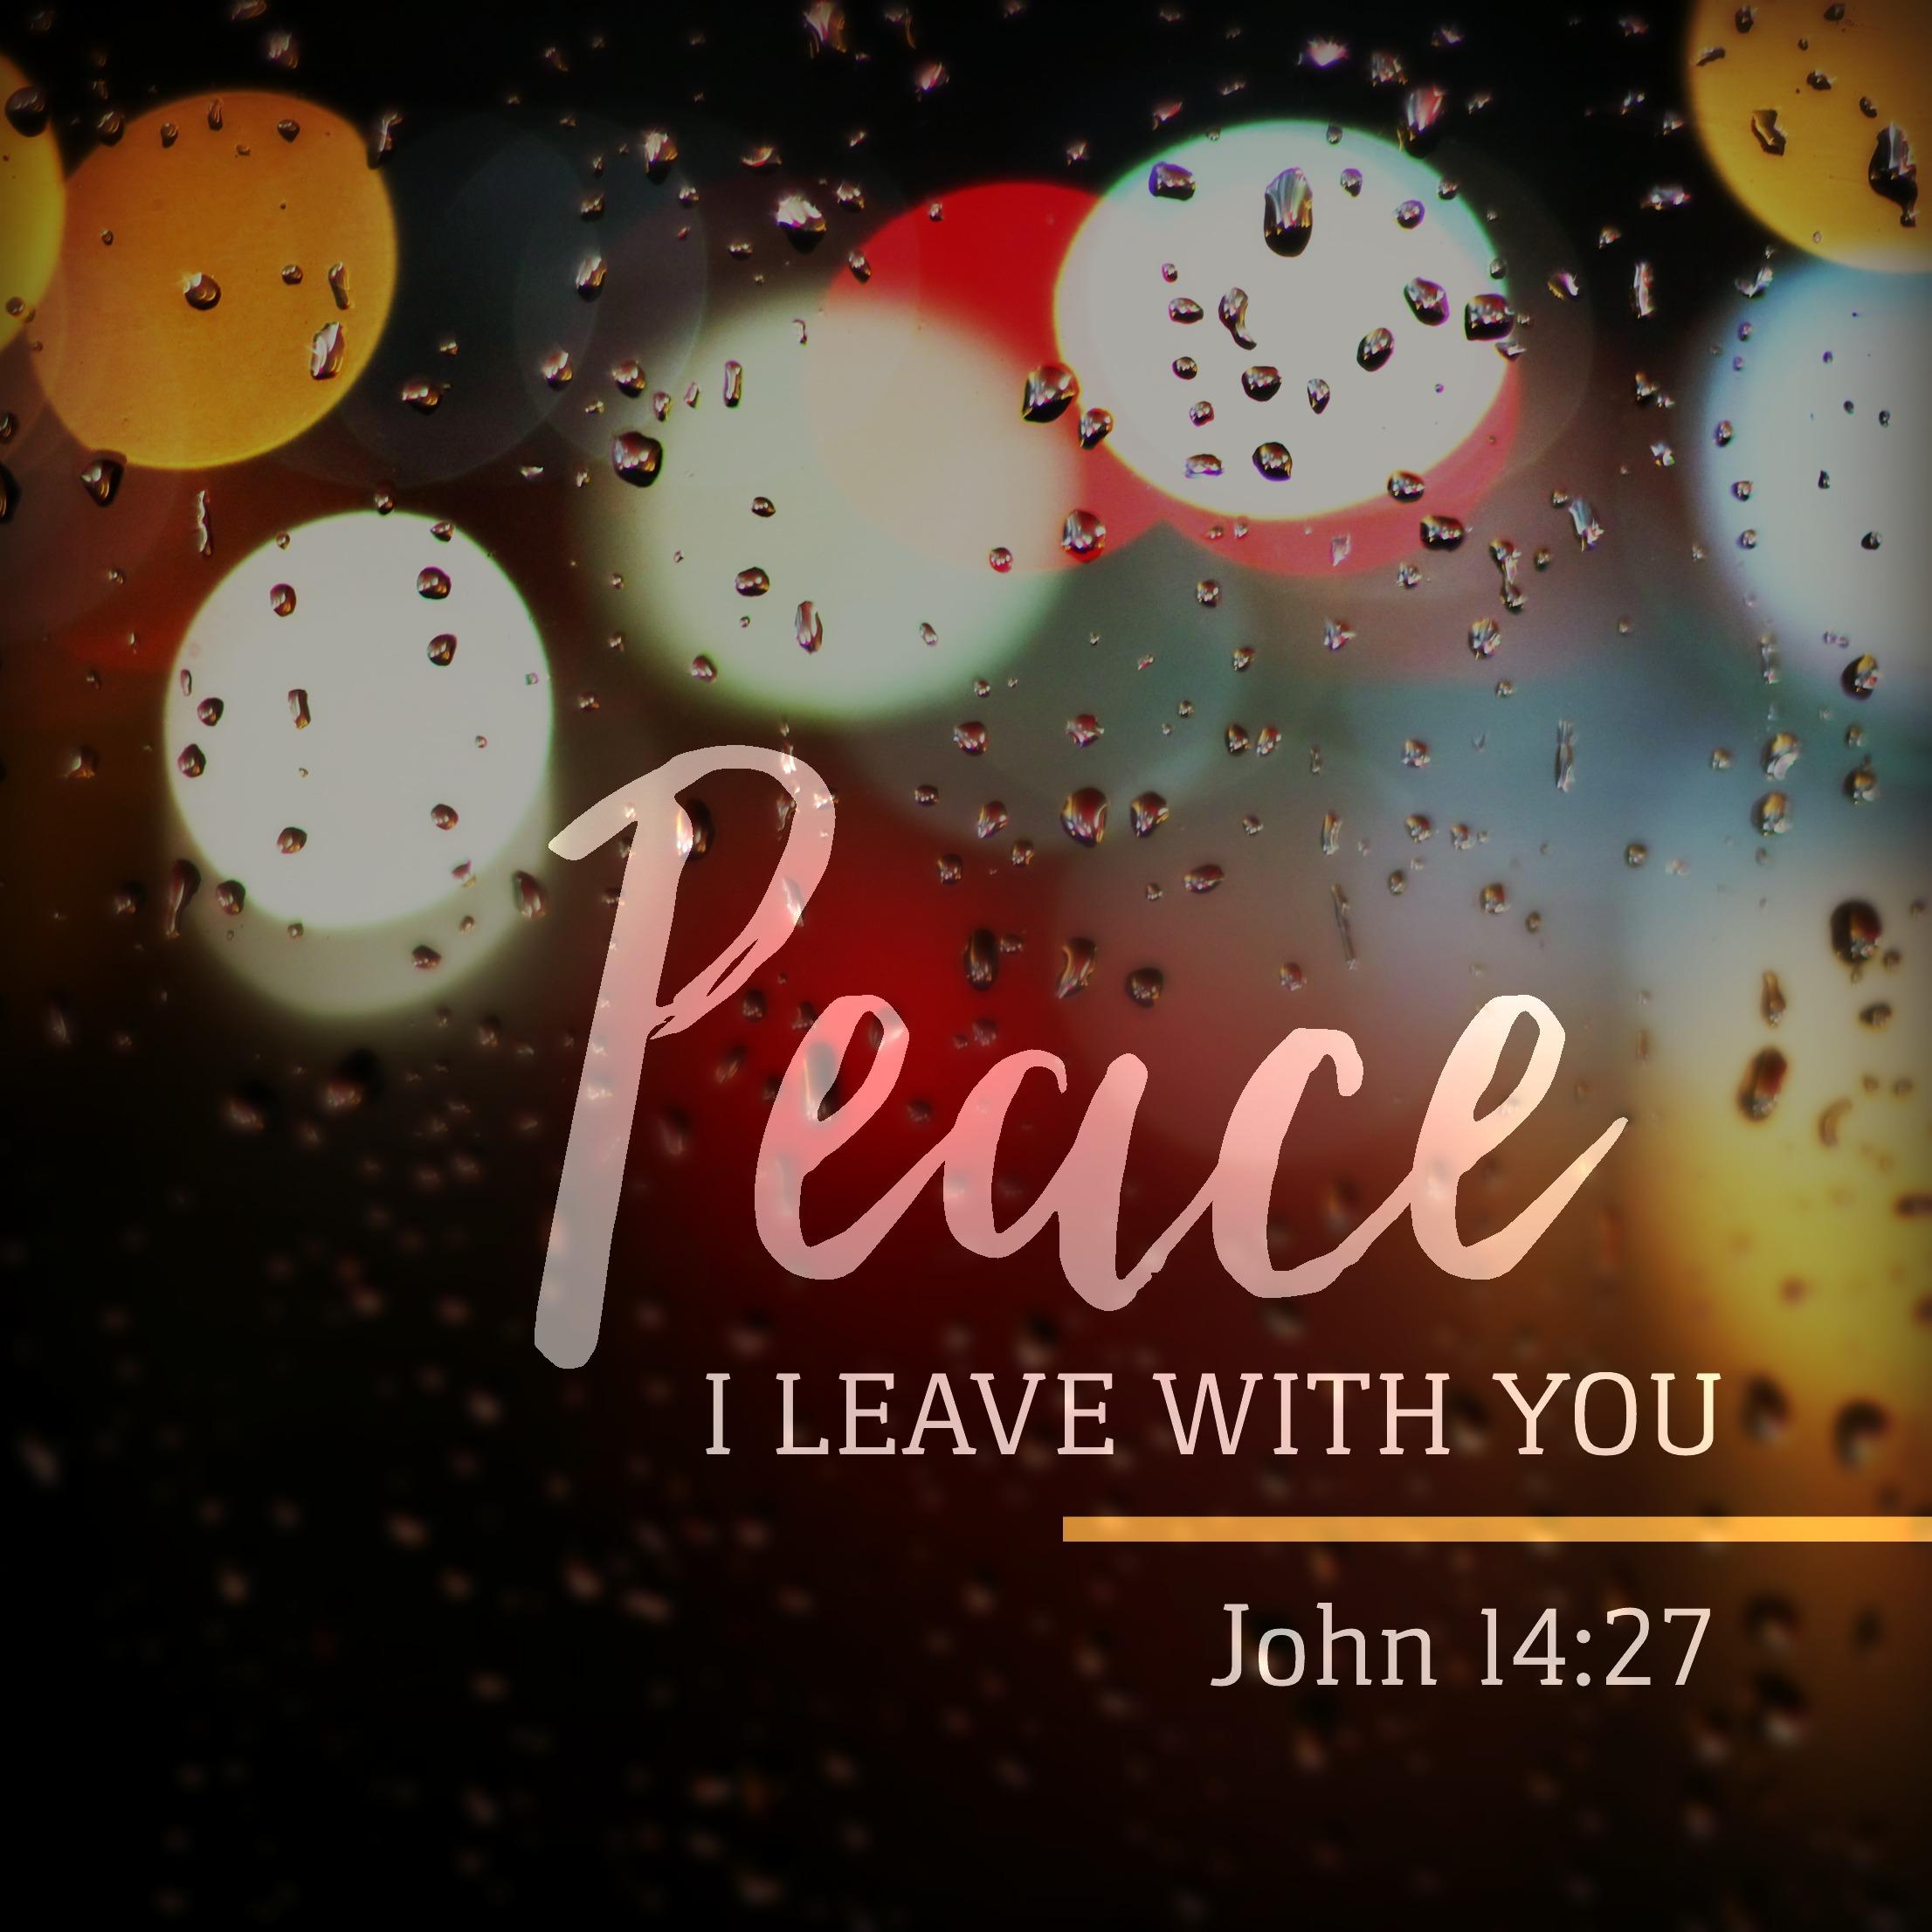 May 27: John 14:27